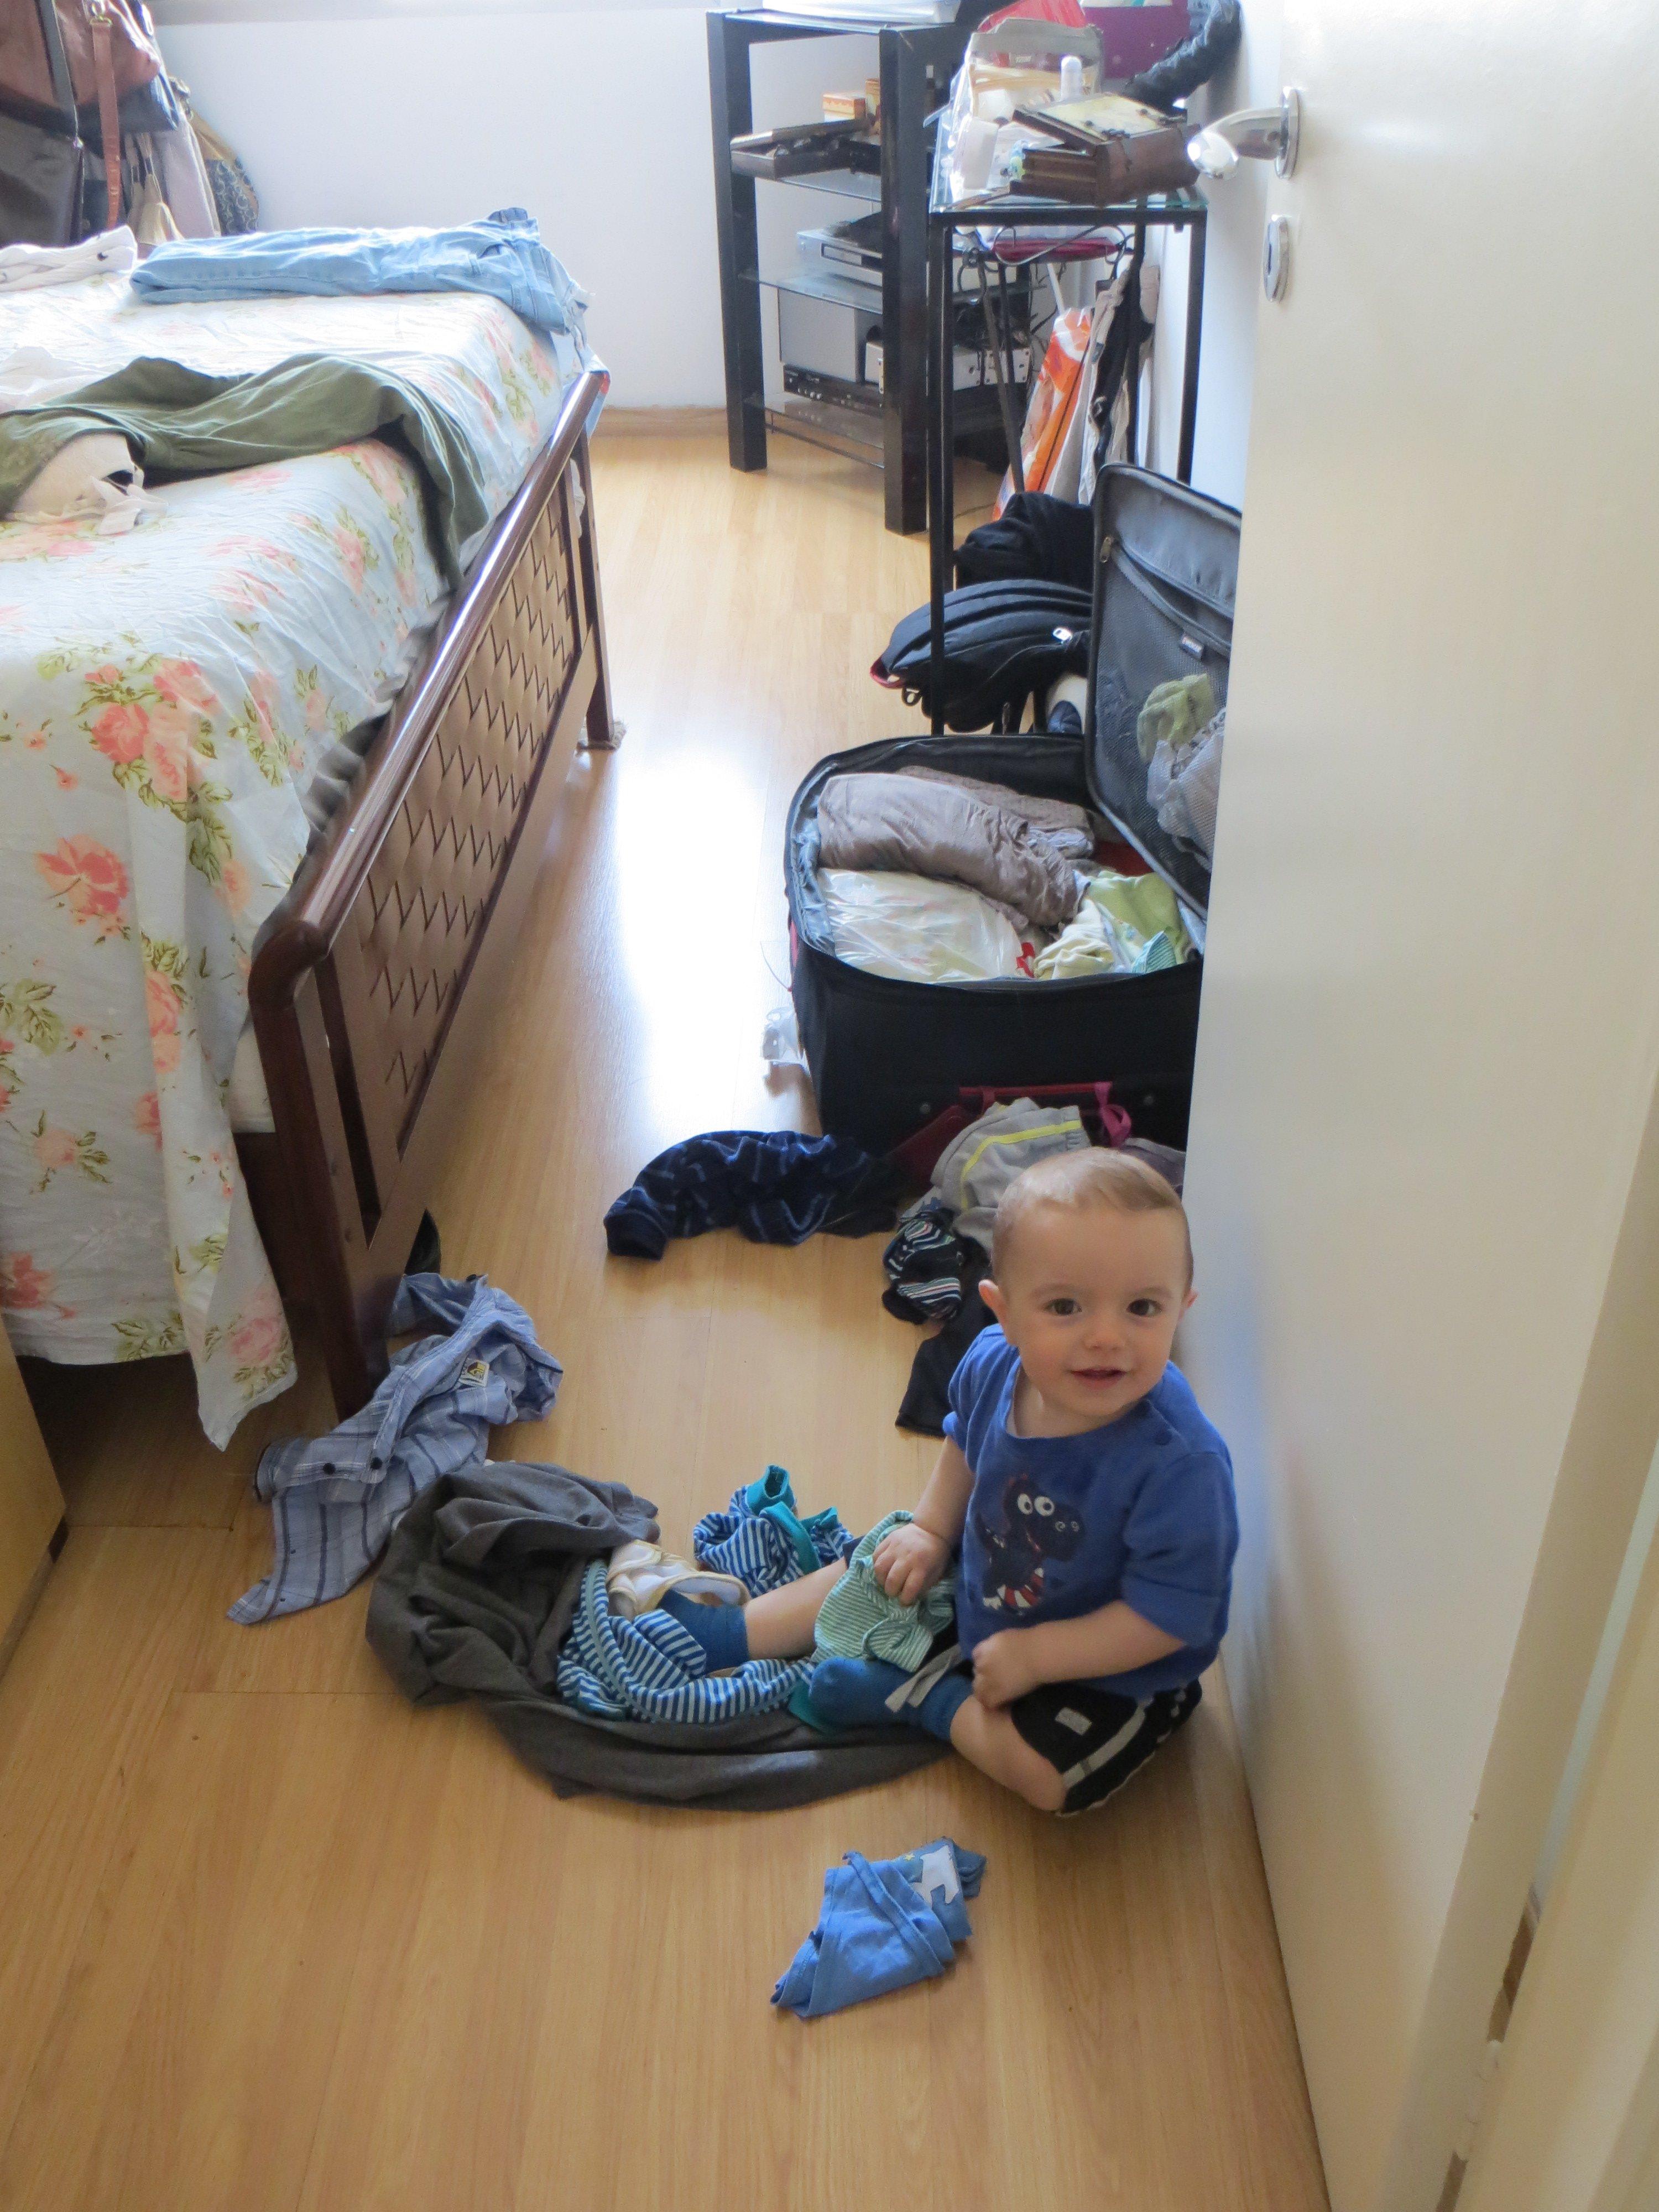 Lucas hilft bei Koffer packen © Paola